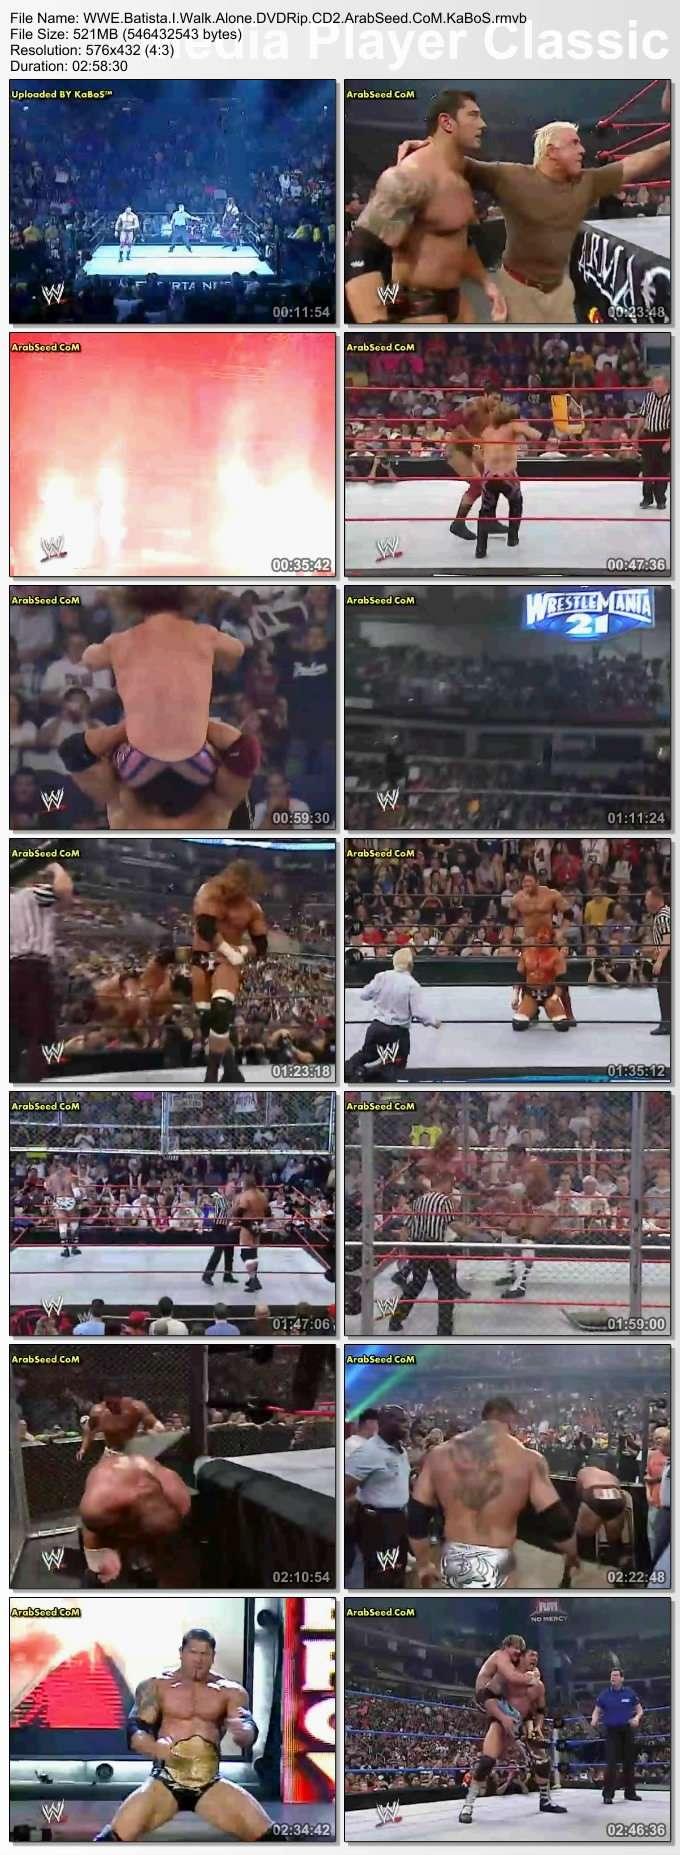 باتيستا Batista Walk Alone DVDRip 212.jpg